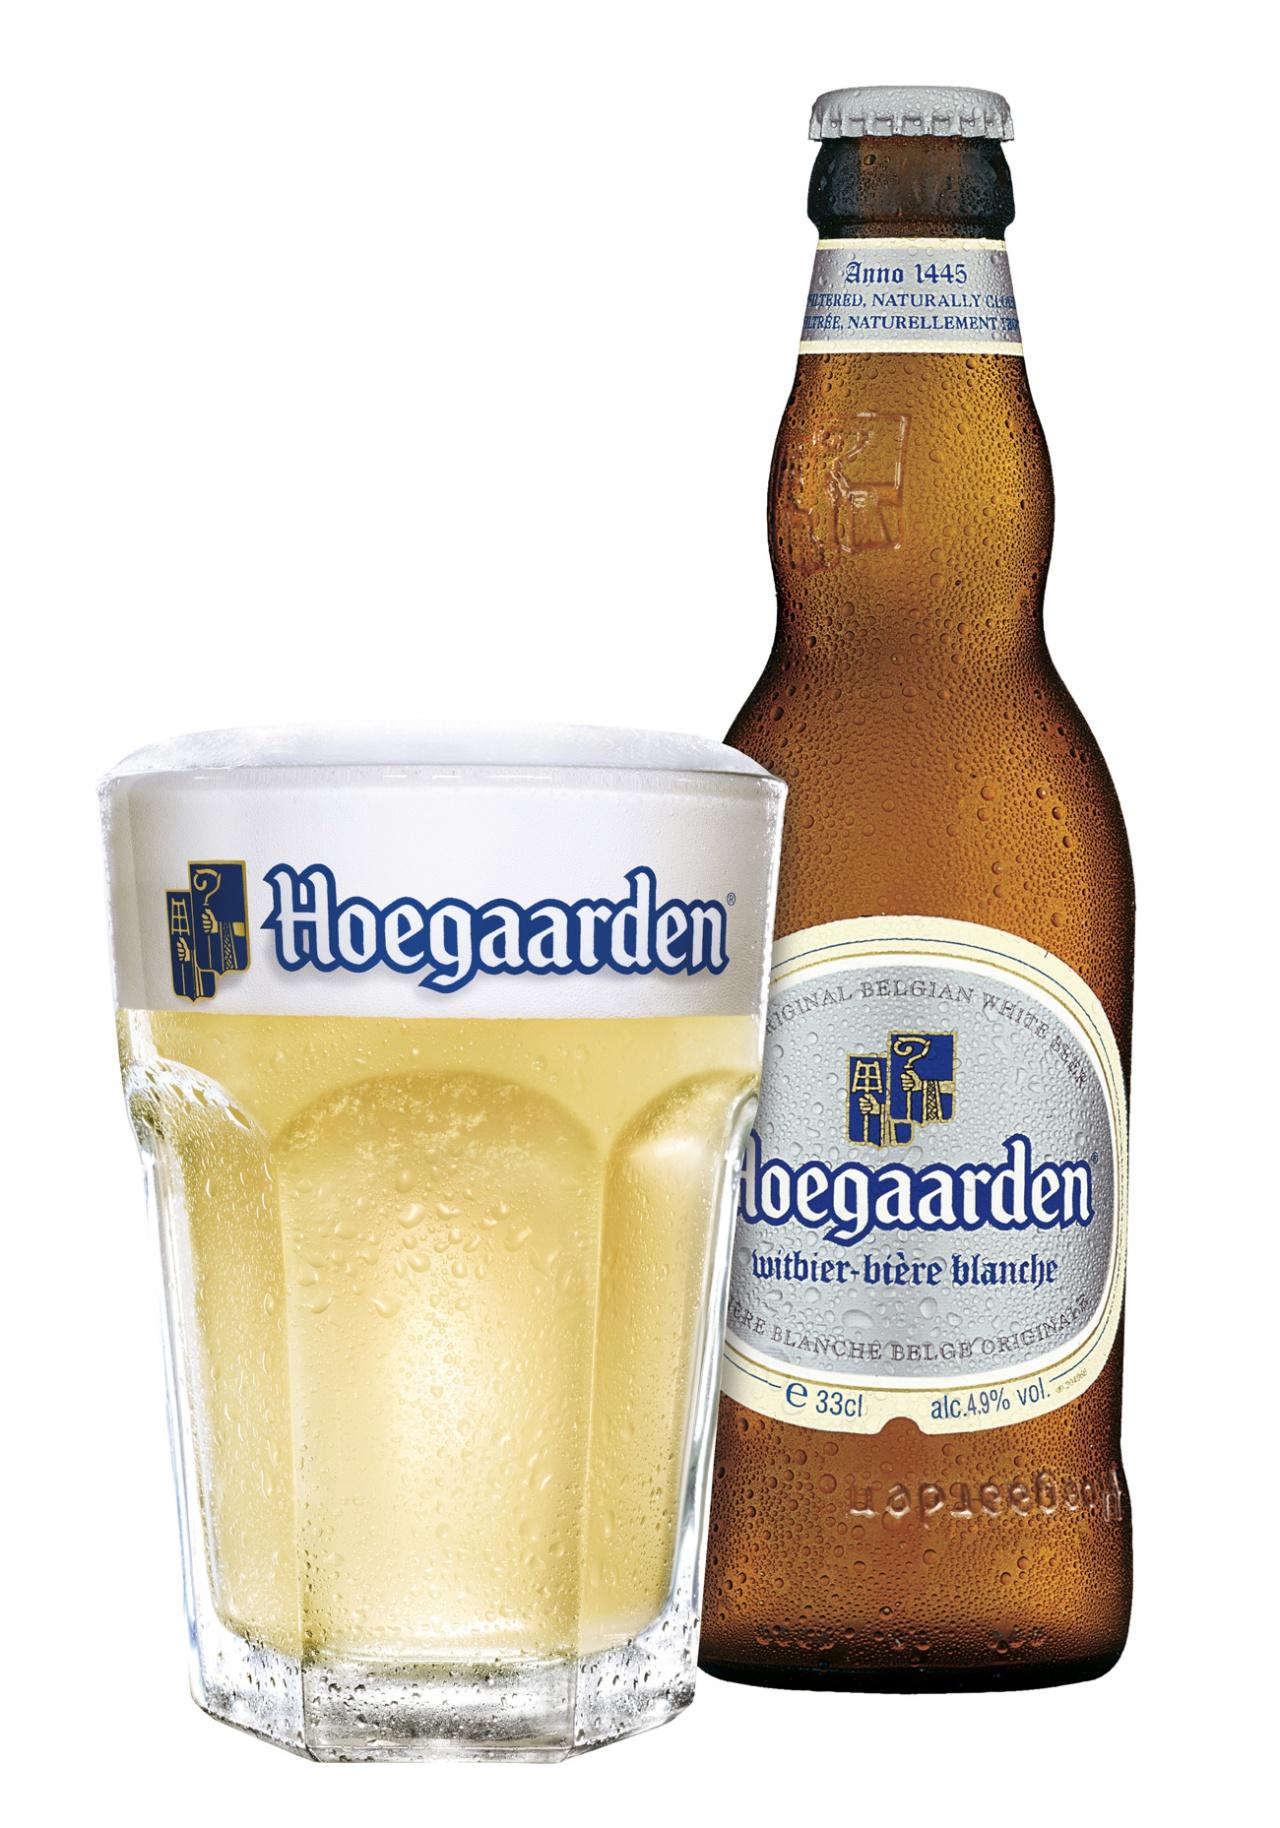 Top 10 beers of the world: #10 –Hoegaarden